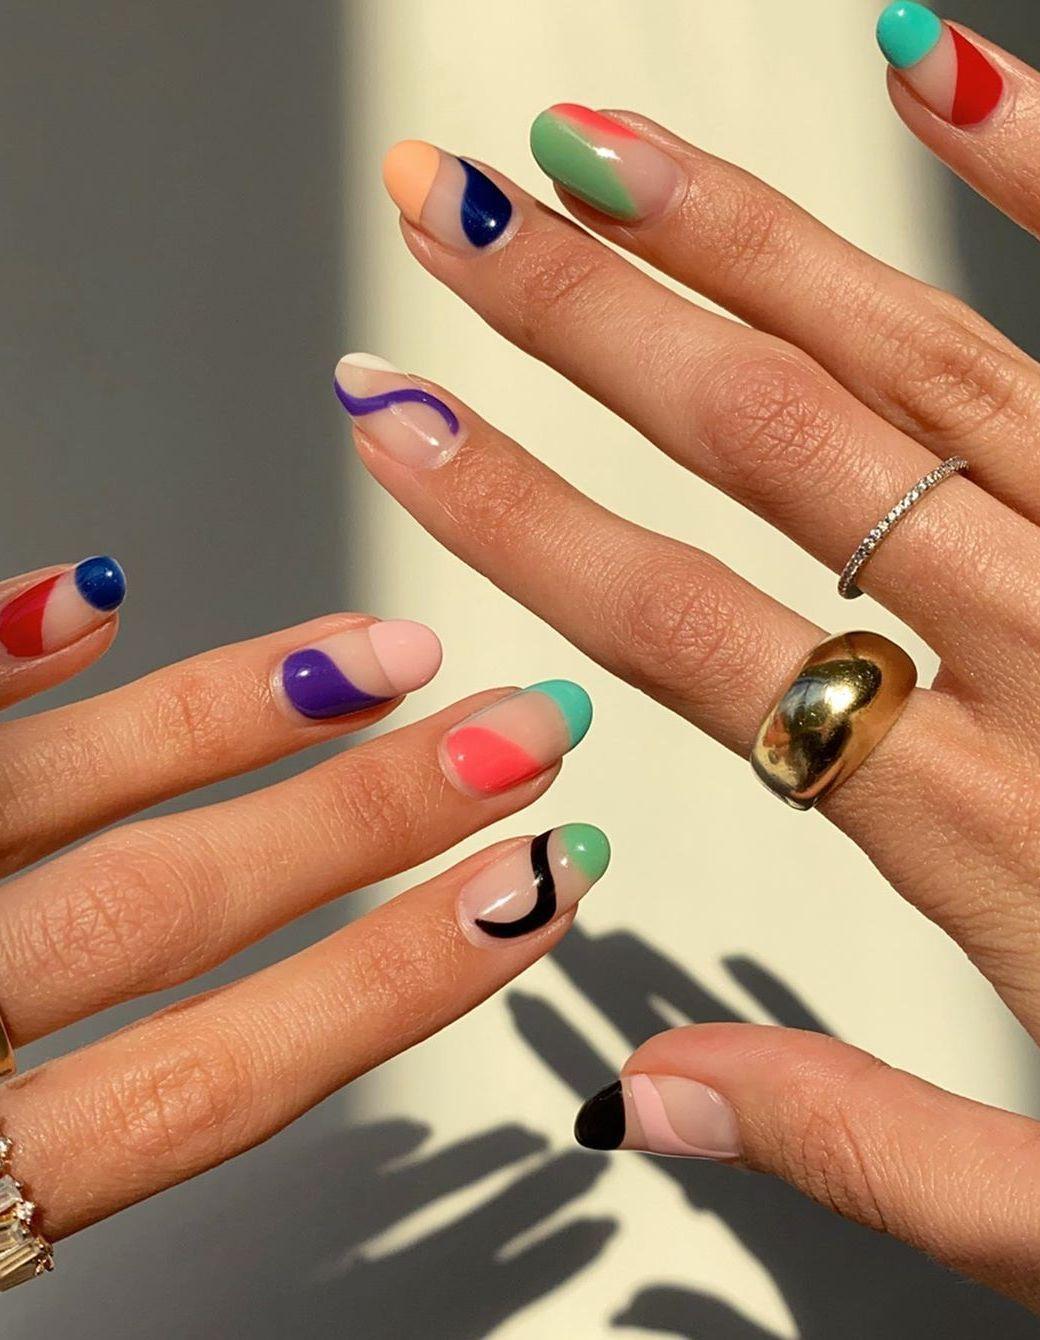 Abstract Nails : la manucure colorée qui envahit Instagram – Elle